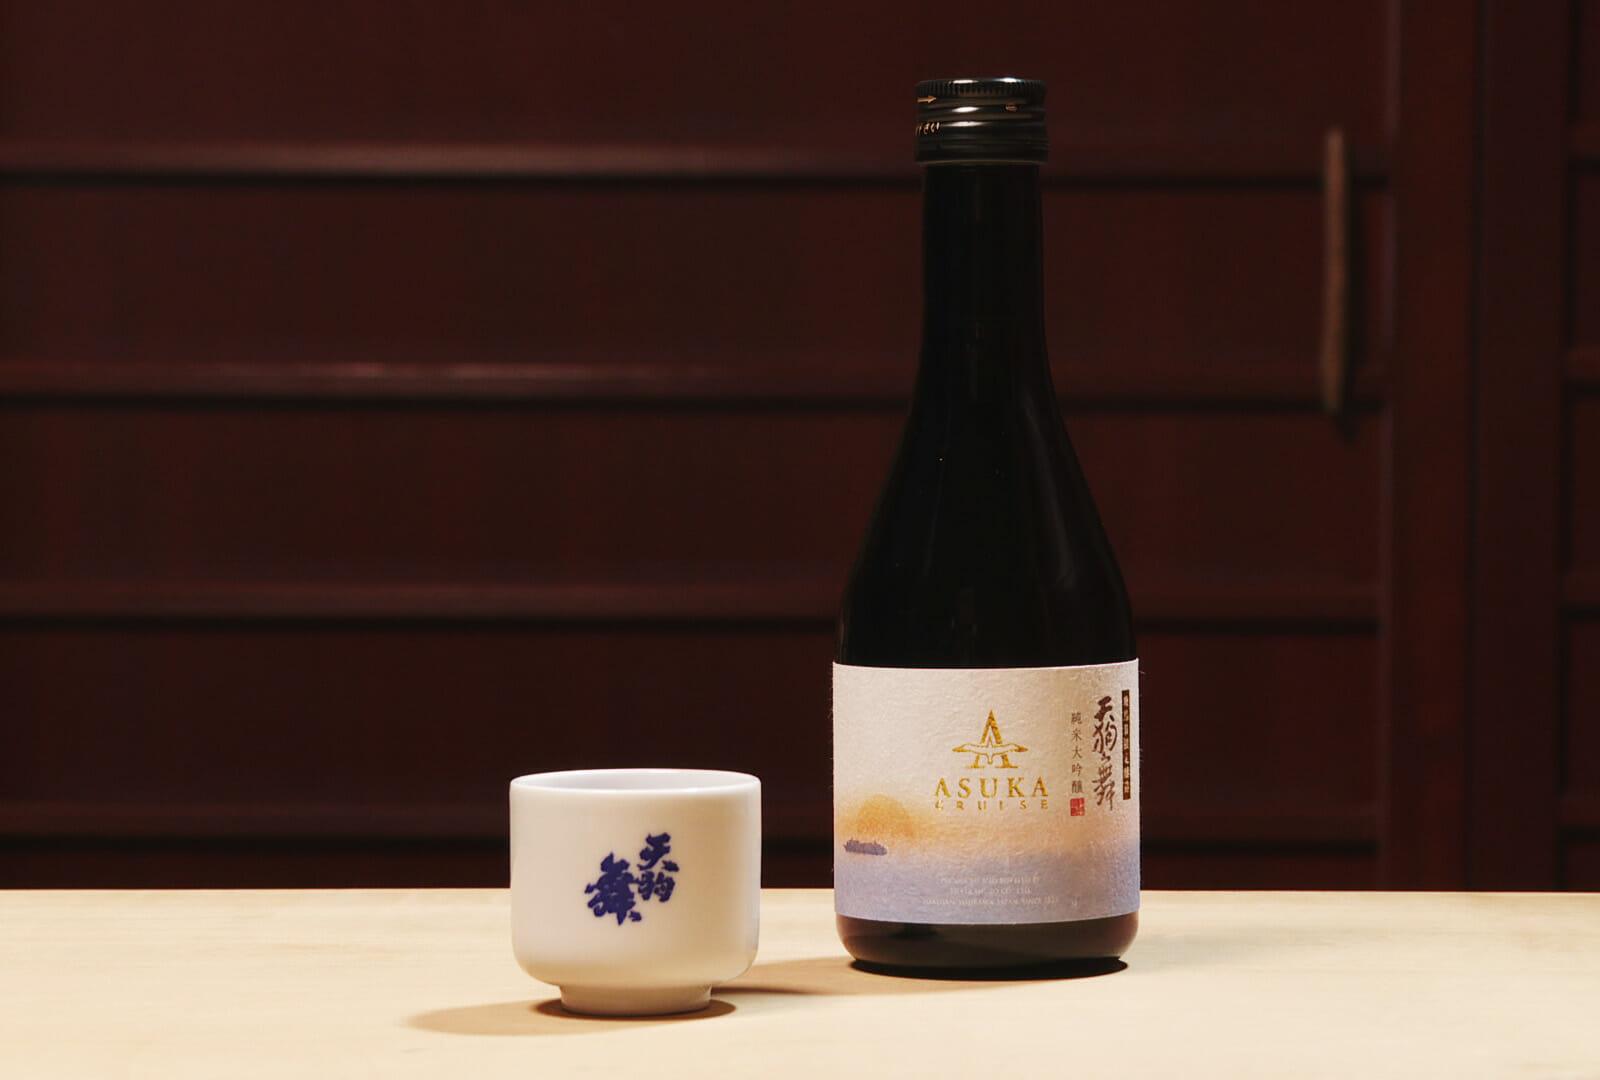 オリジナルの日本酒